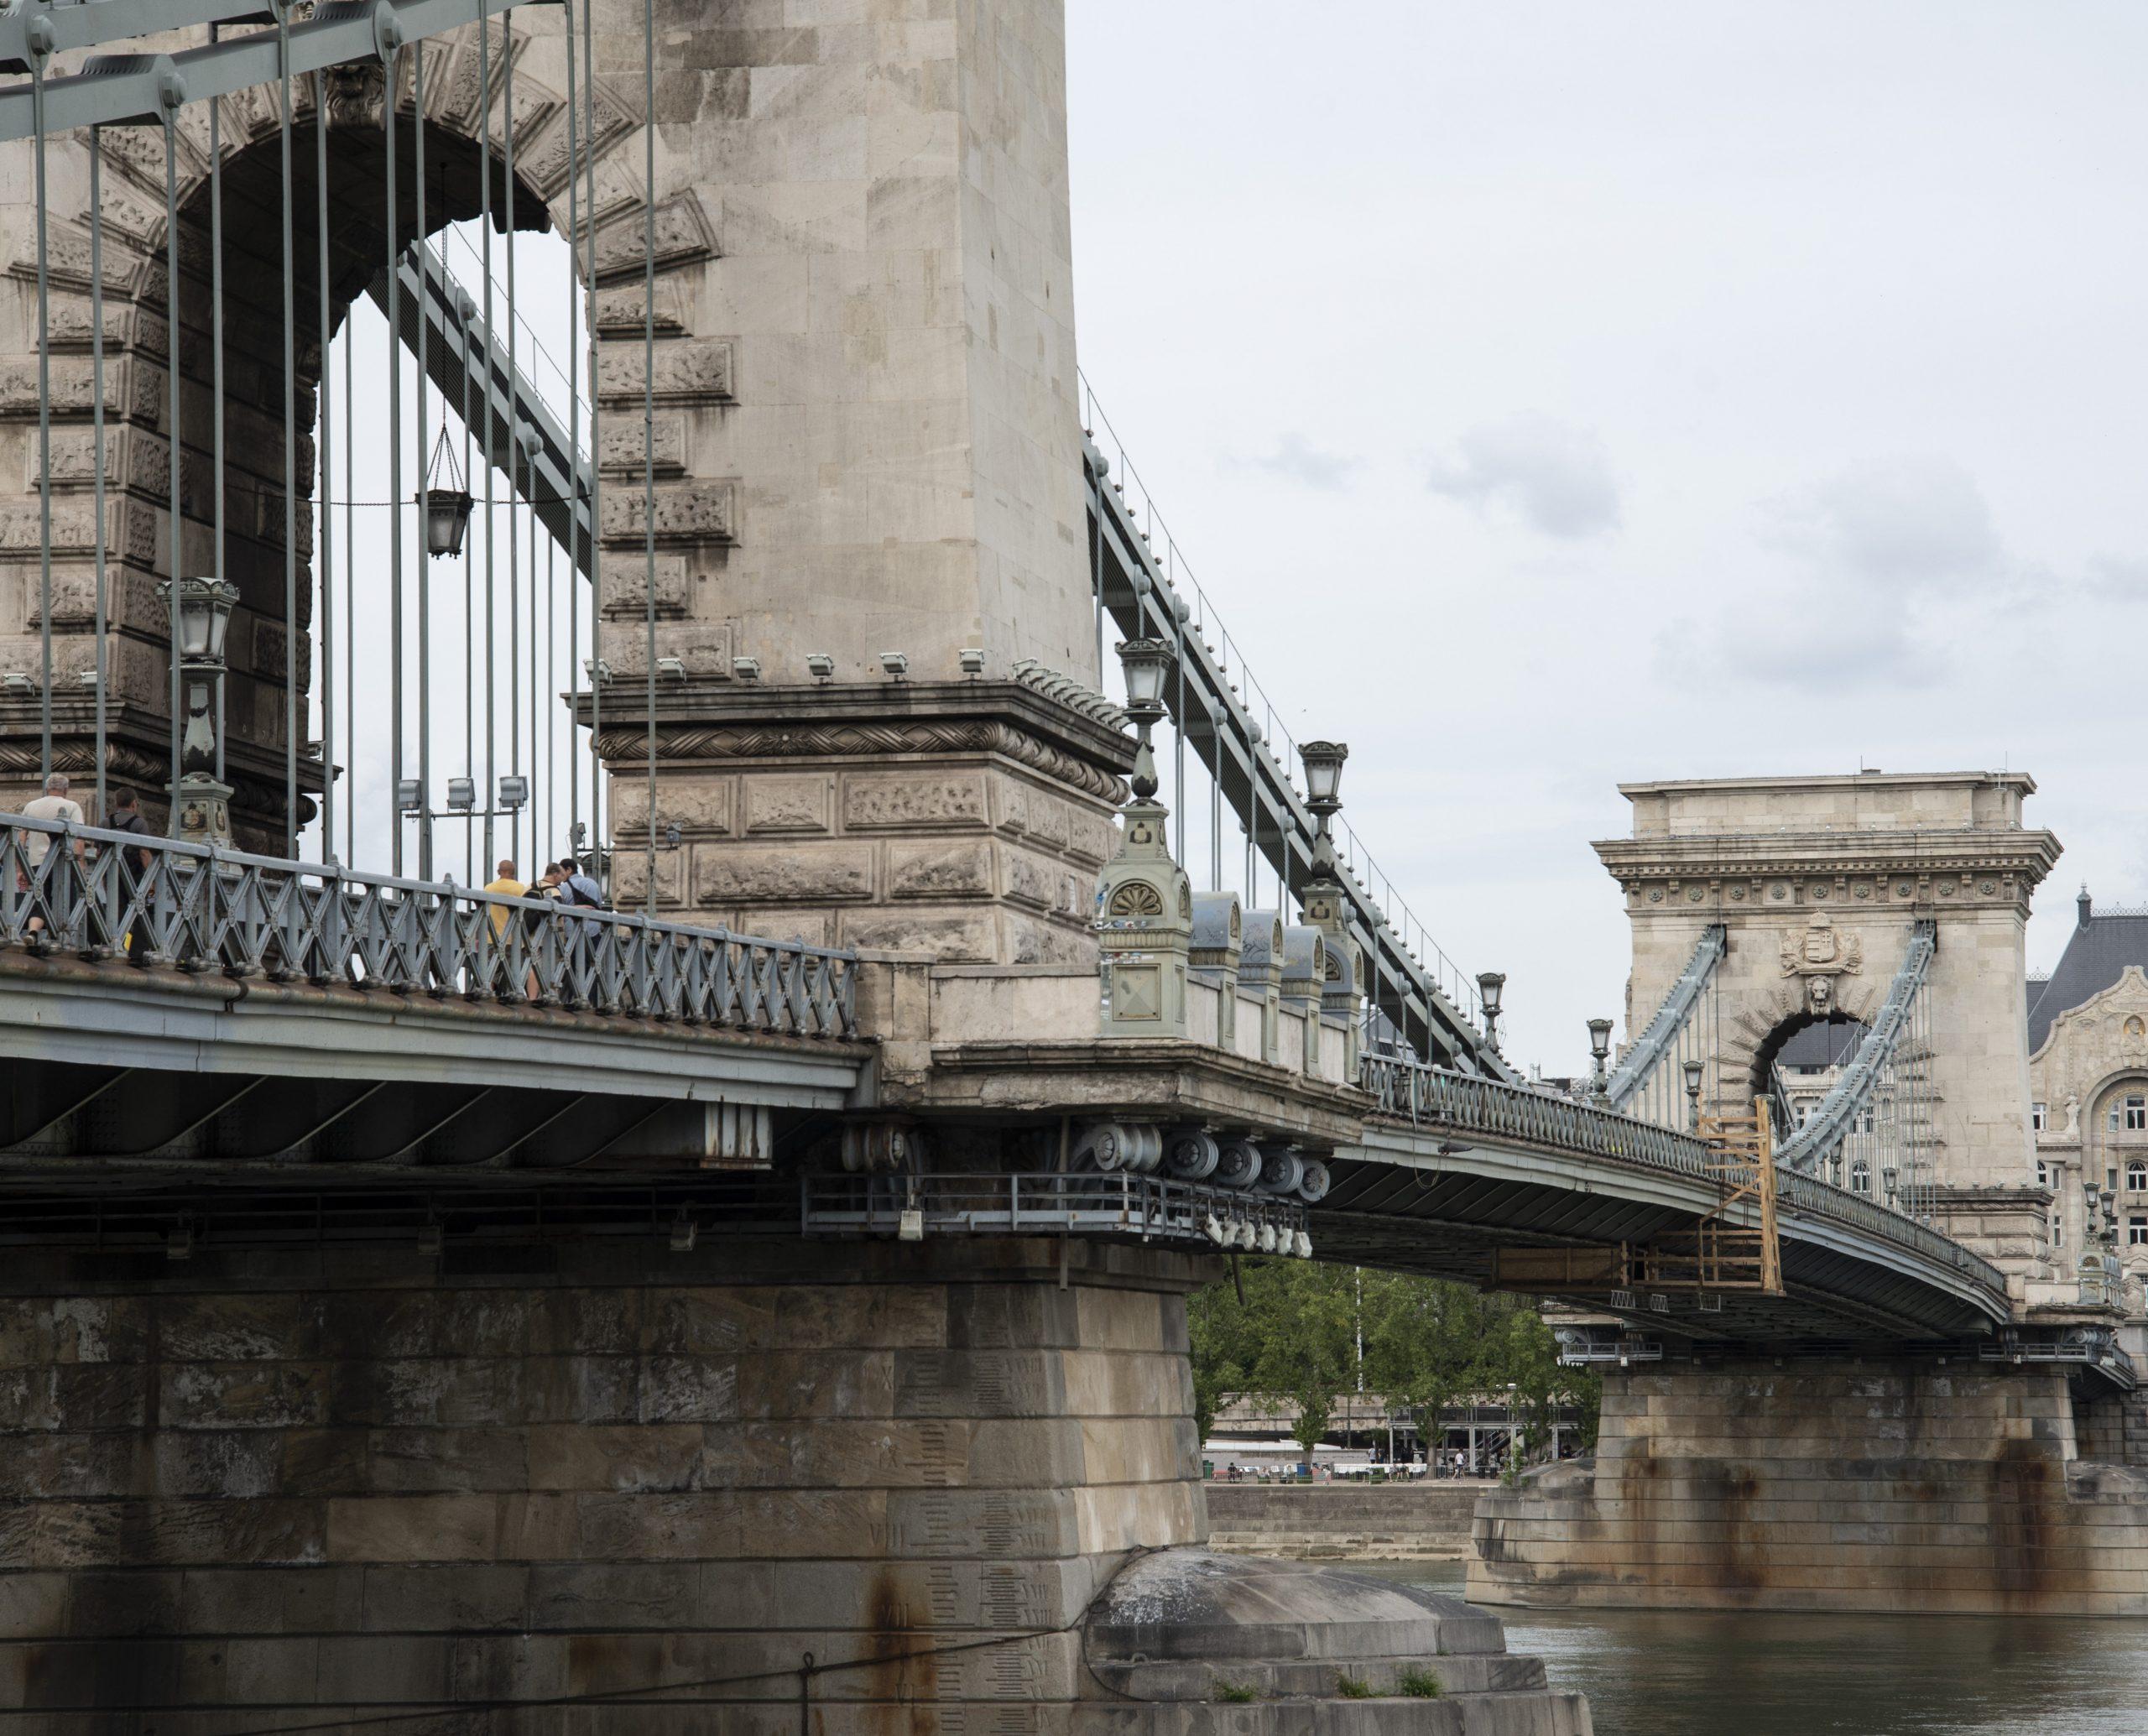 Budapost: Kettenbrückensanierung: Wechselseitige Schuldzuweisungen